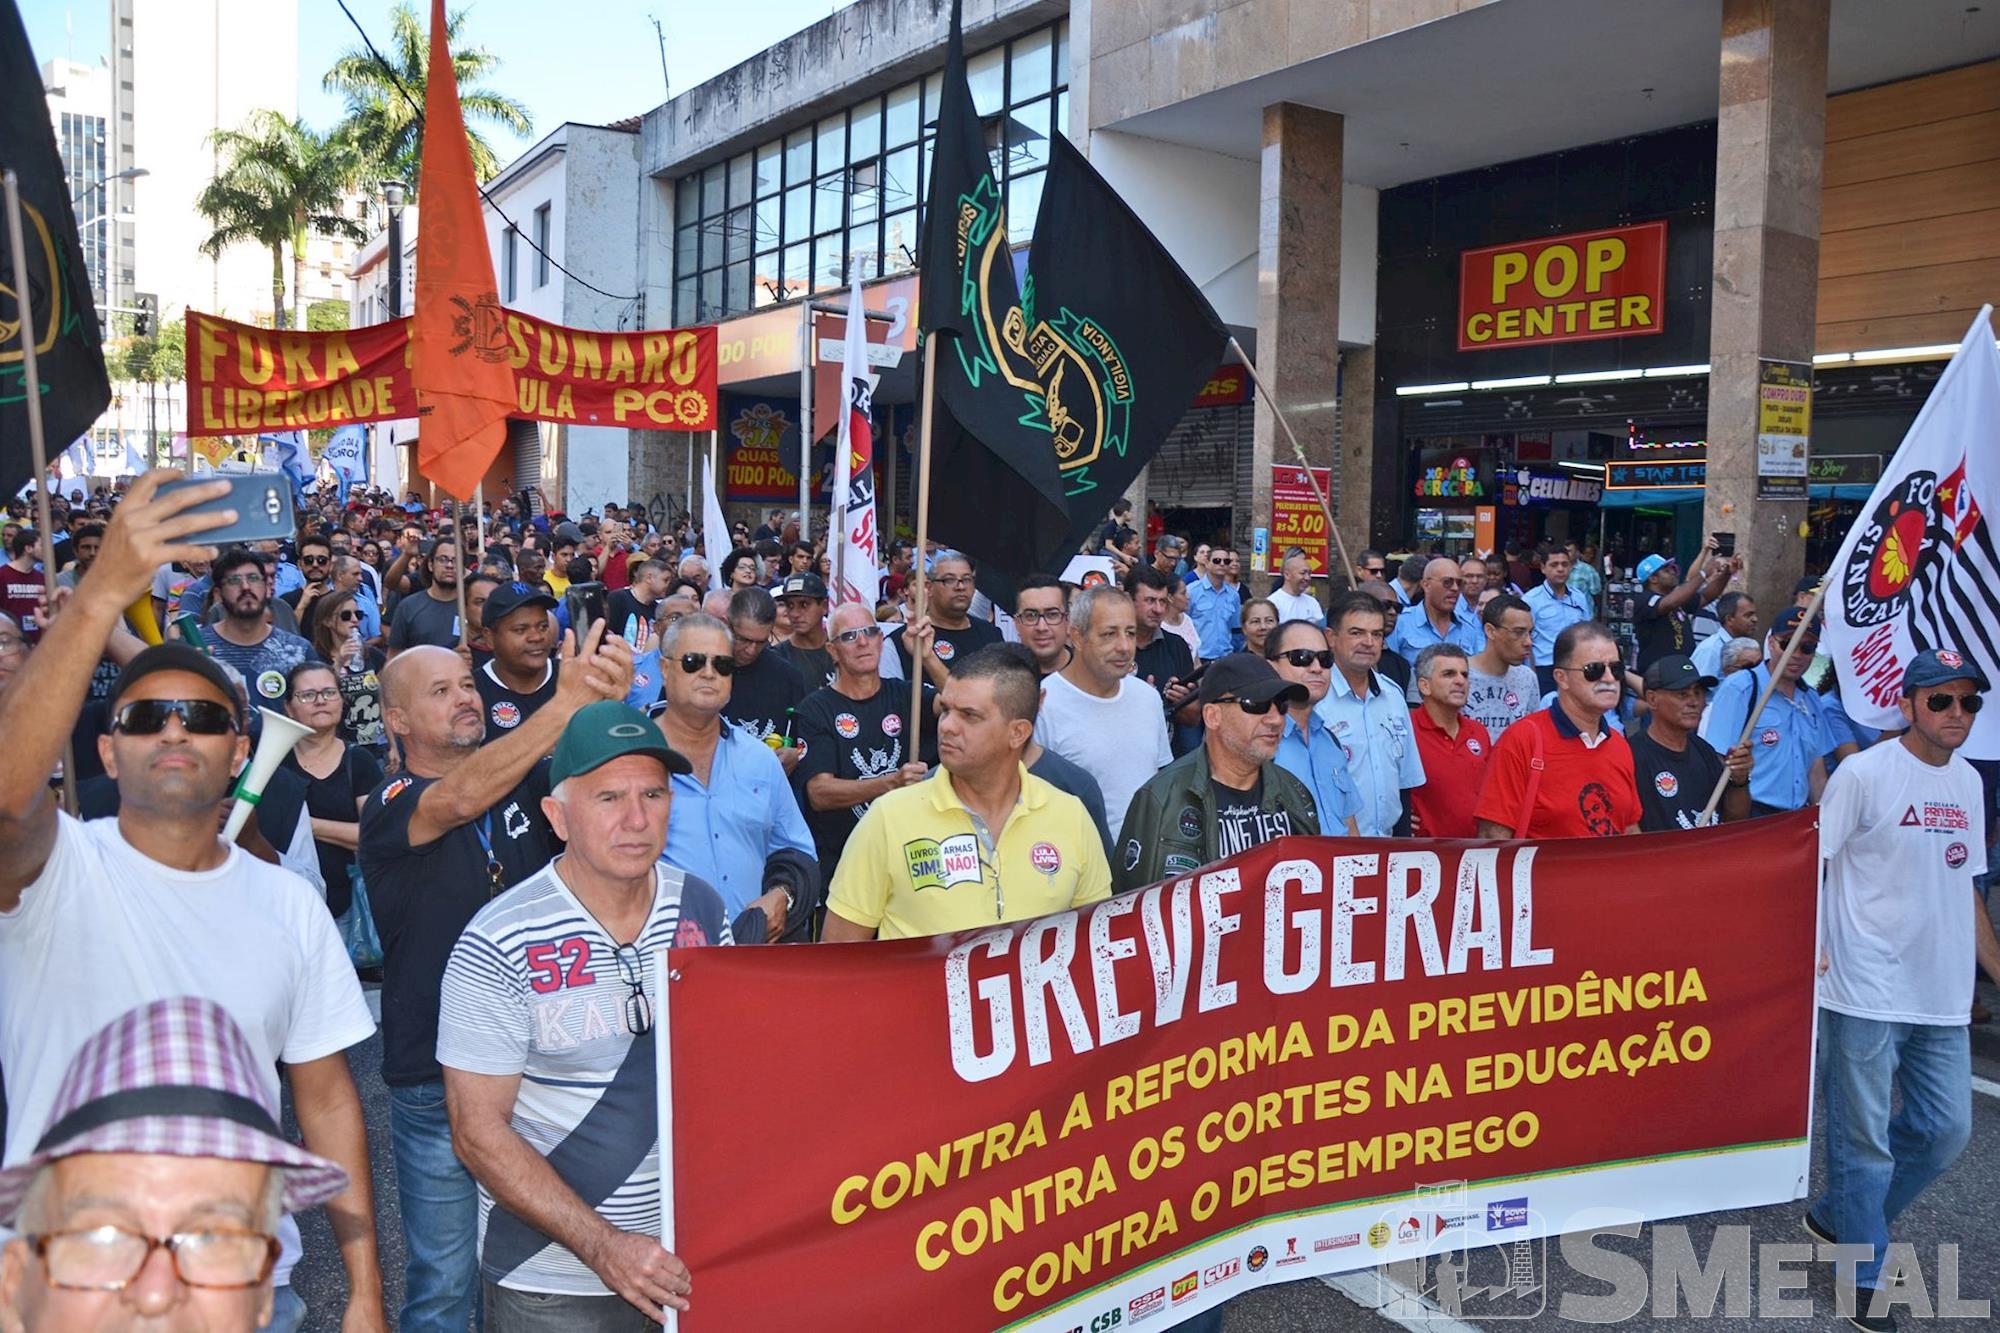 Imagens da Greve Geral em Sorocaba: contra a Reforma da Previdência